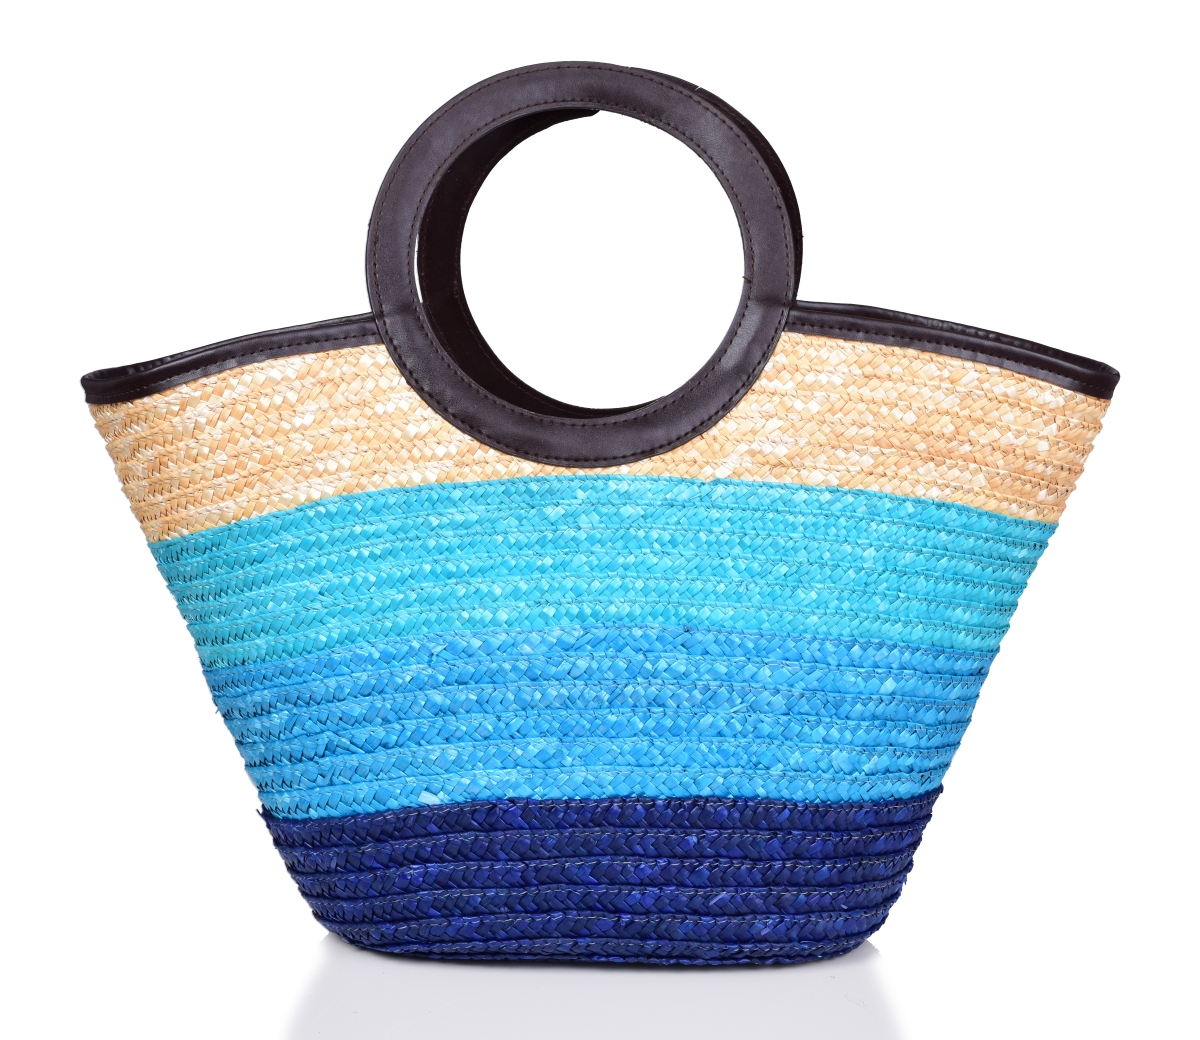 Stylová kabelka KEISHA  modré pruhy